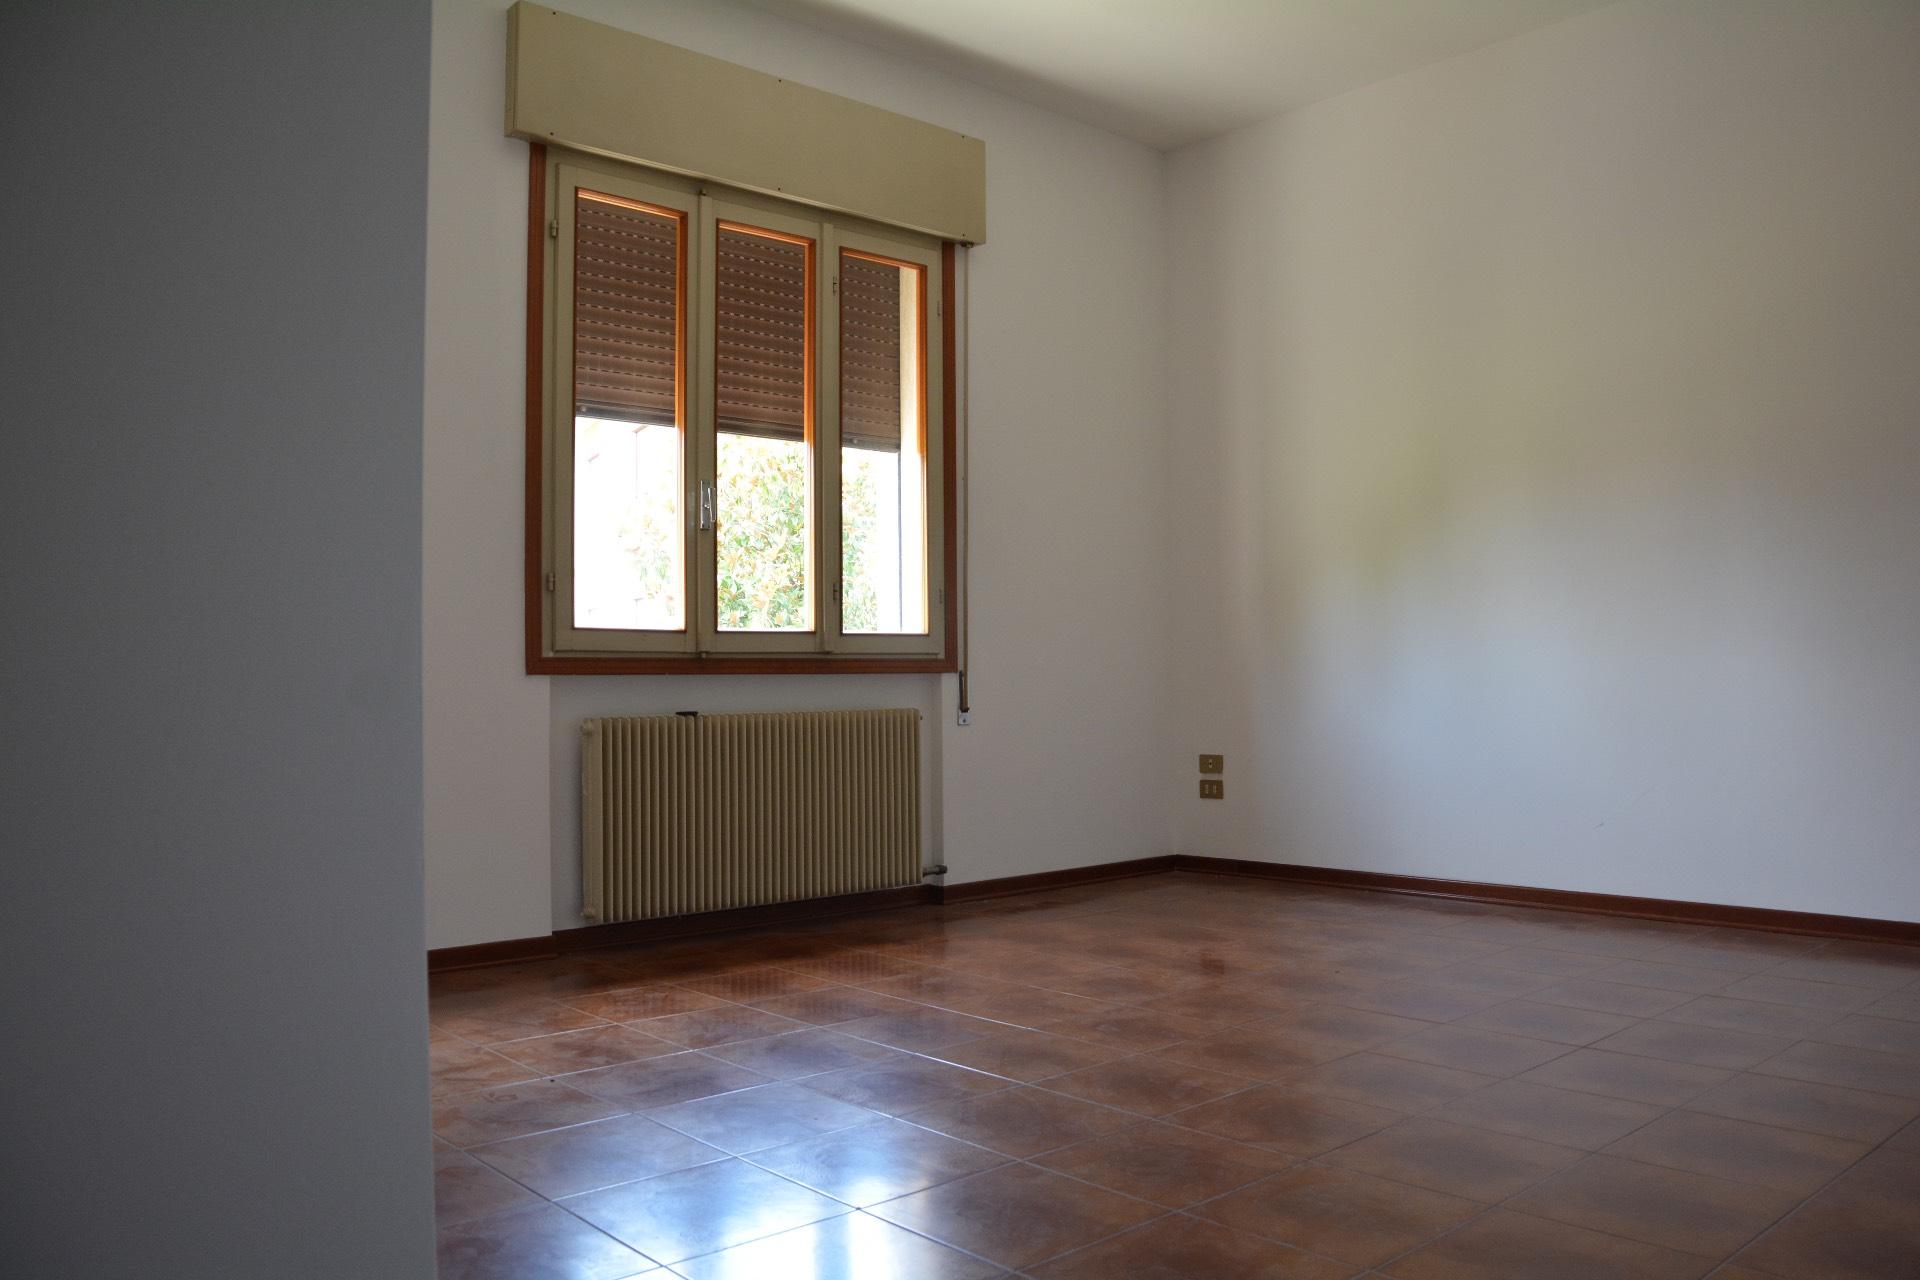 Appartamento in affitto a Conegliano, 5 locali, zona Zona: Campolongo, prezzo € 400 | Cambio Casa.it